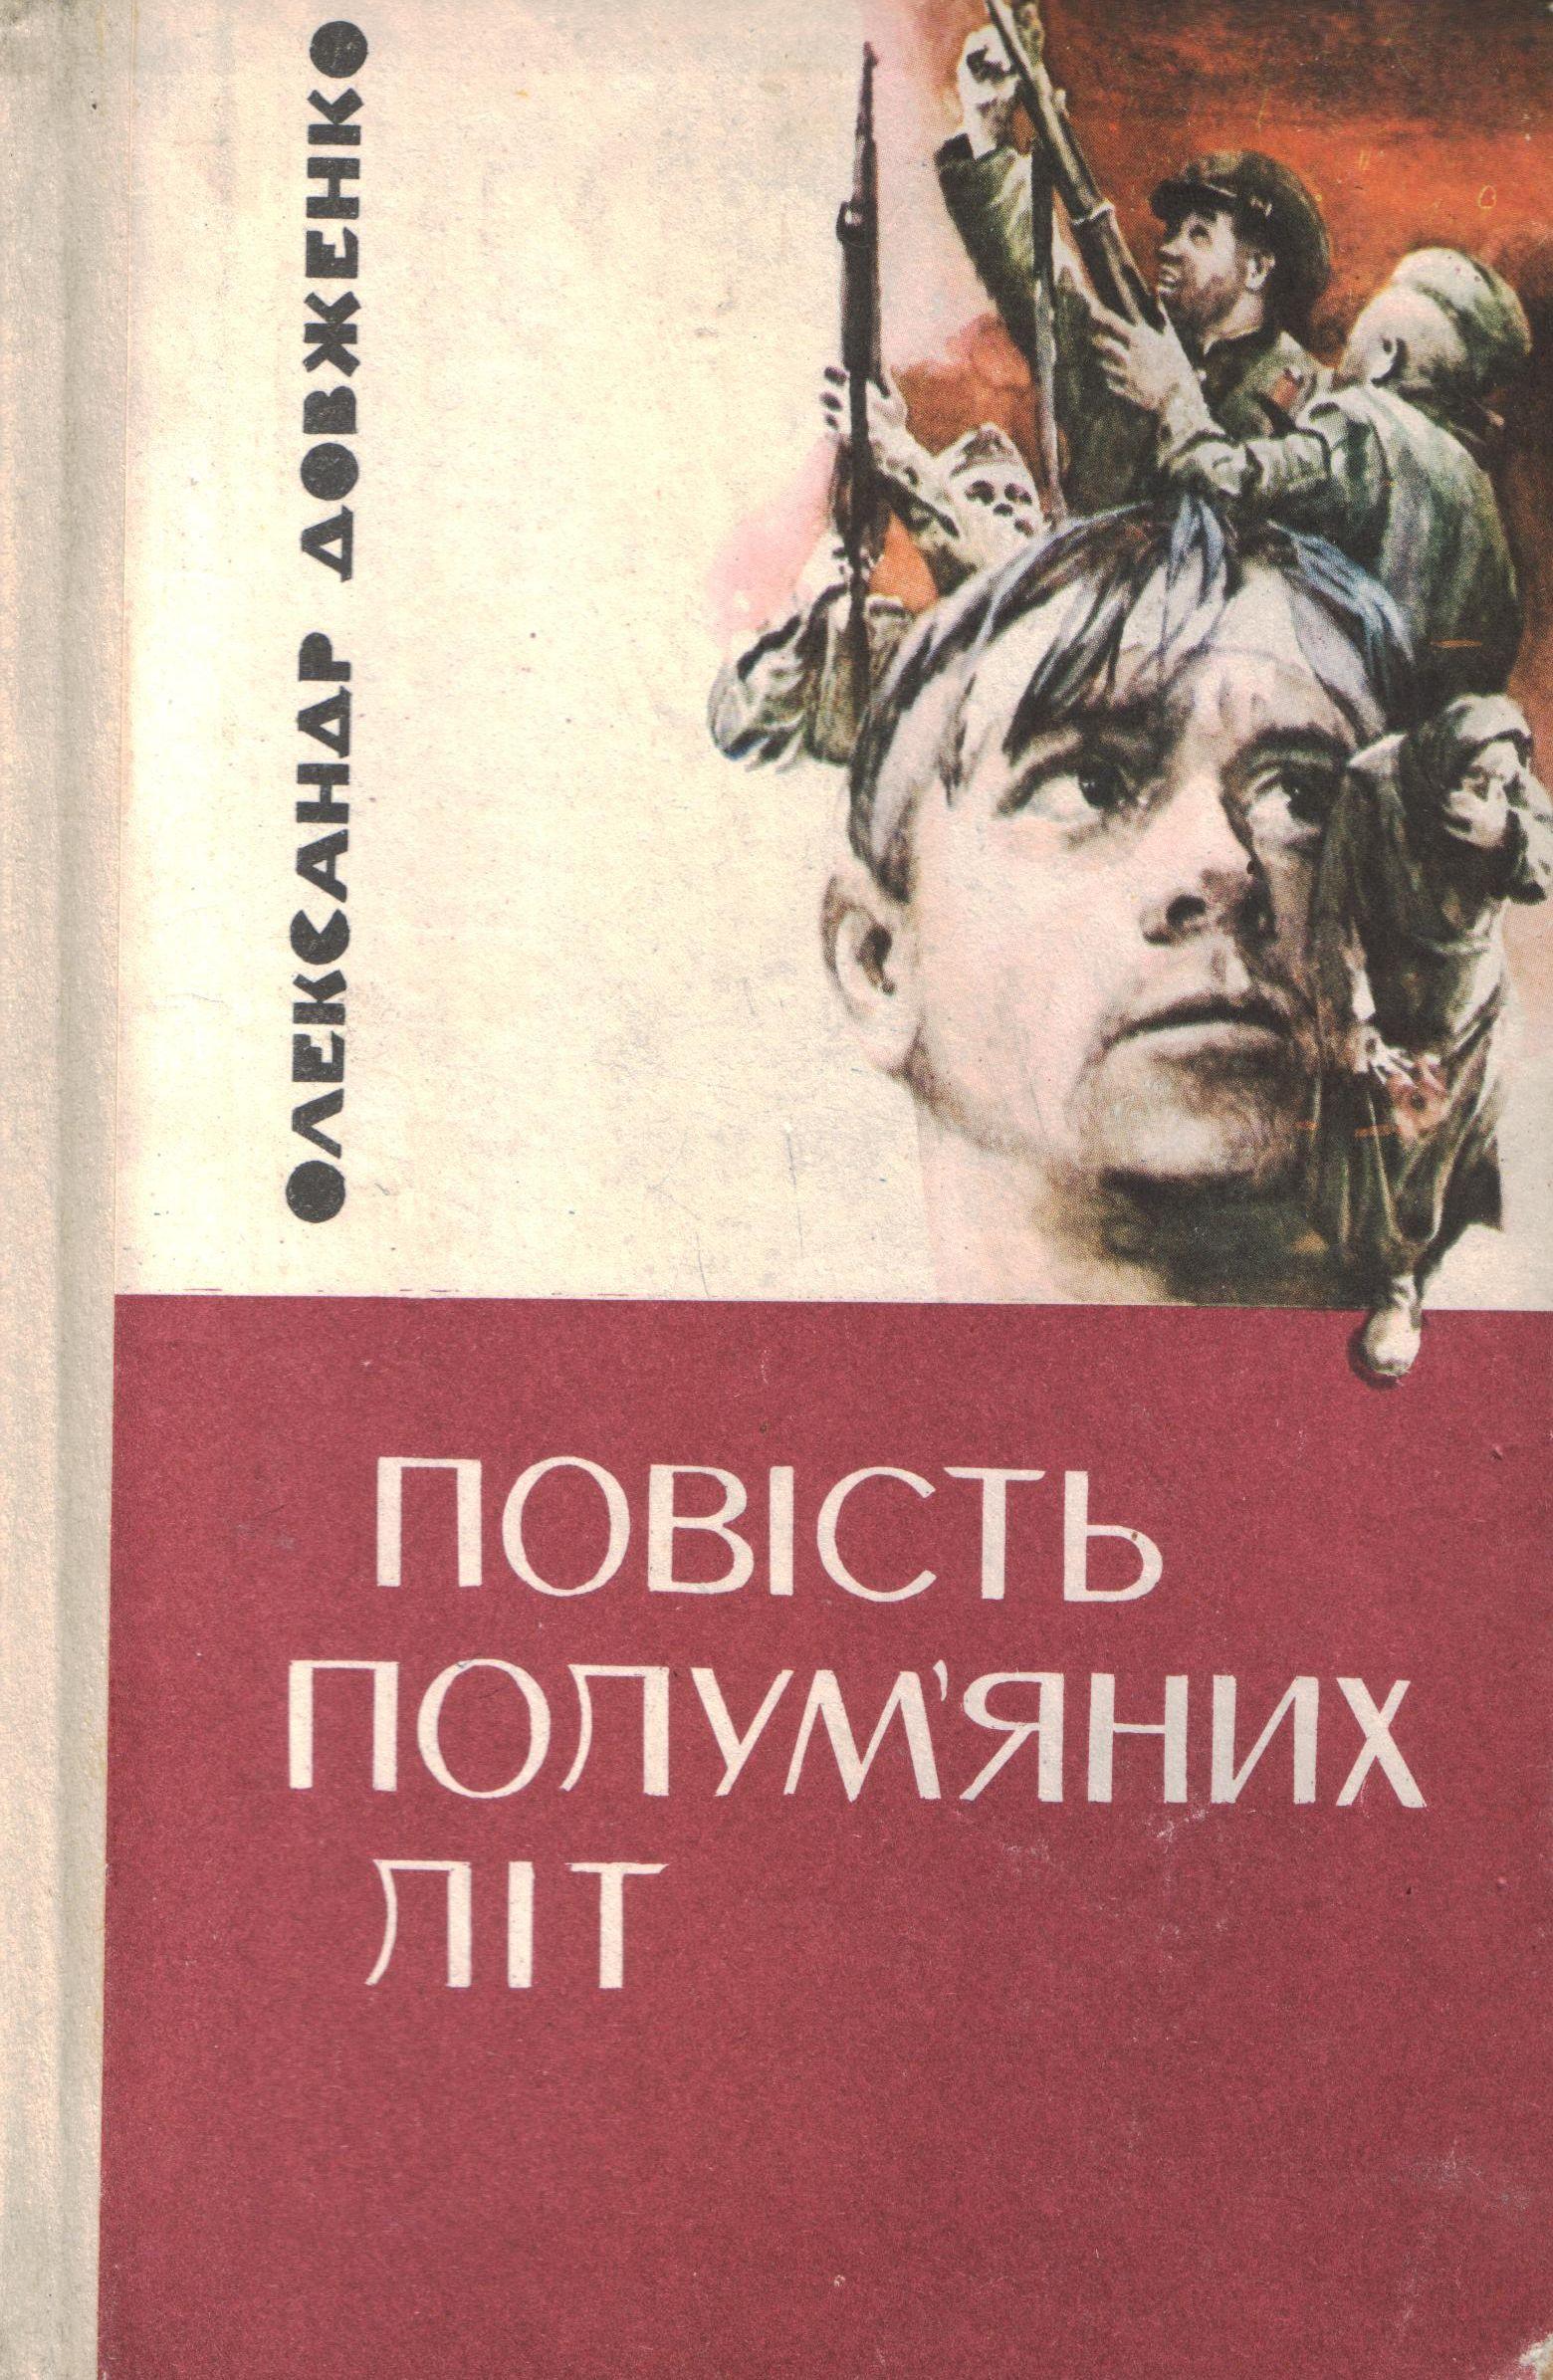 О довженко зачарована десна скачать книгу